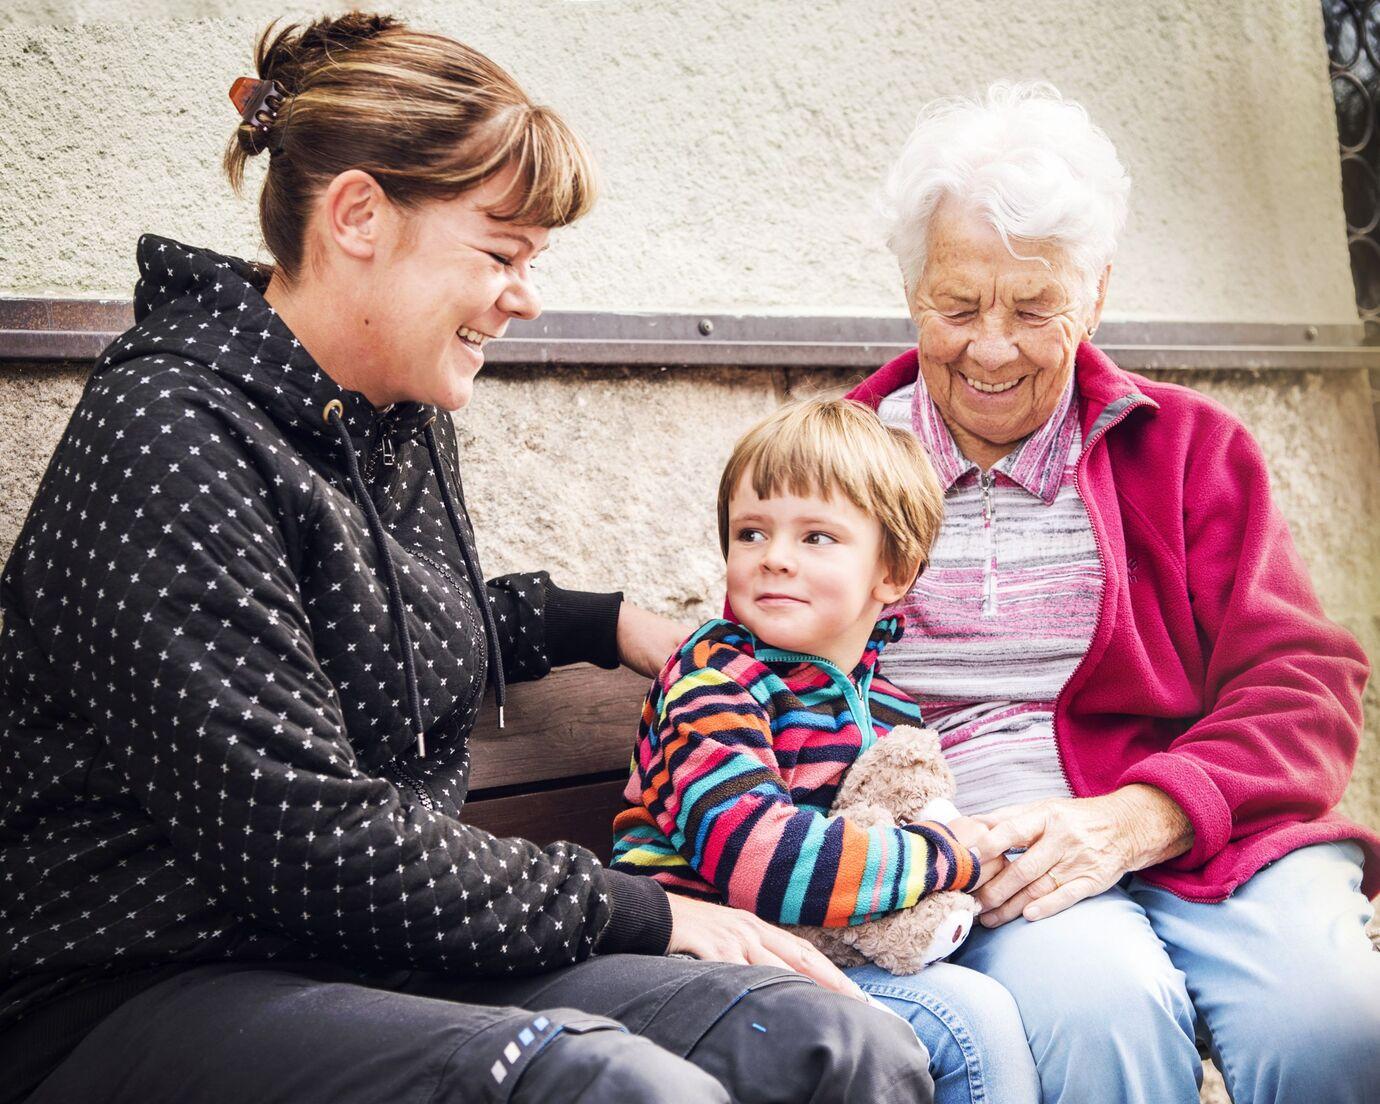 Grossmutter lässt sich von zwei Schwänzen beglücken